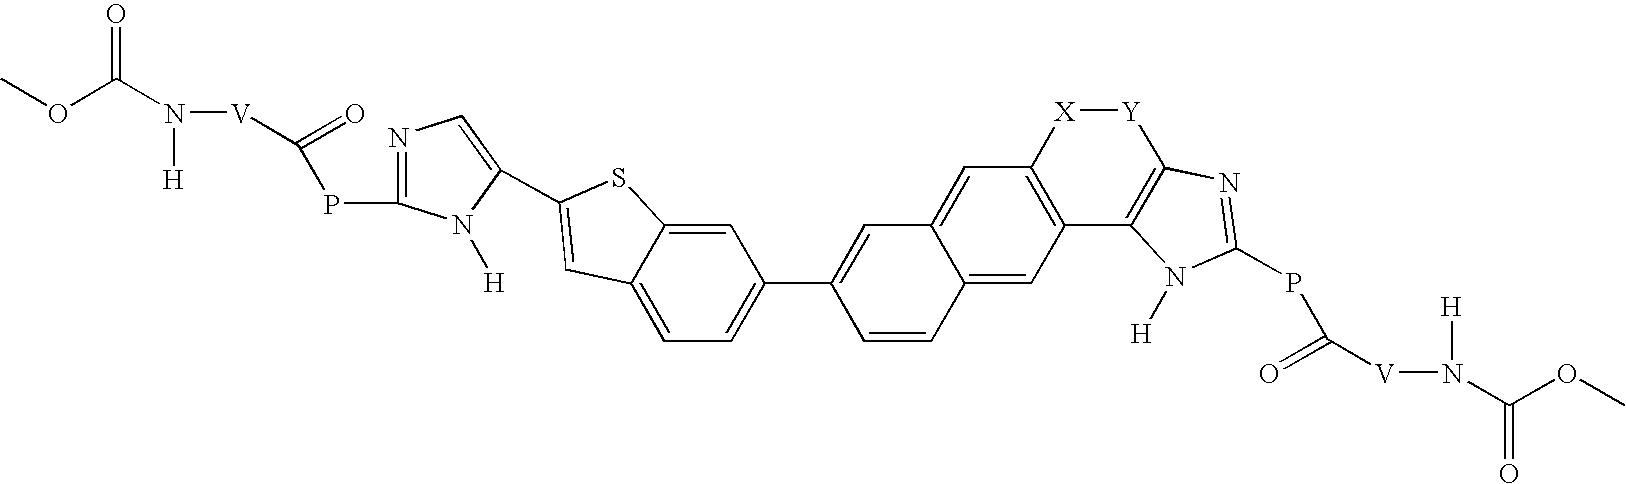 Figure US08088368-20120103-C00370